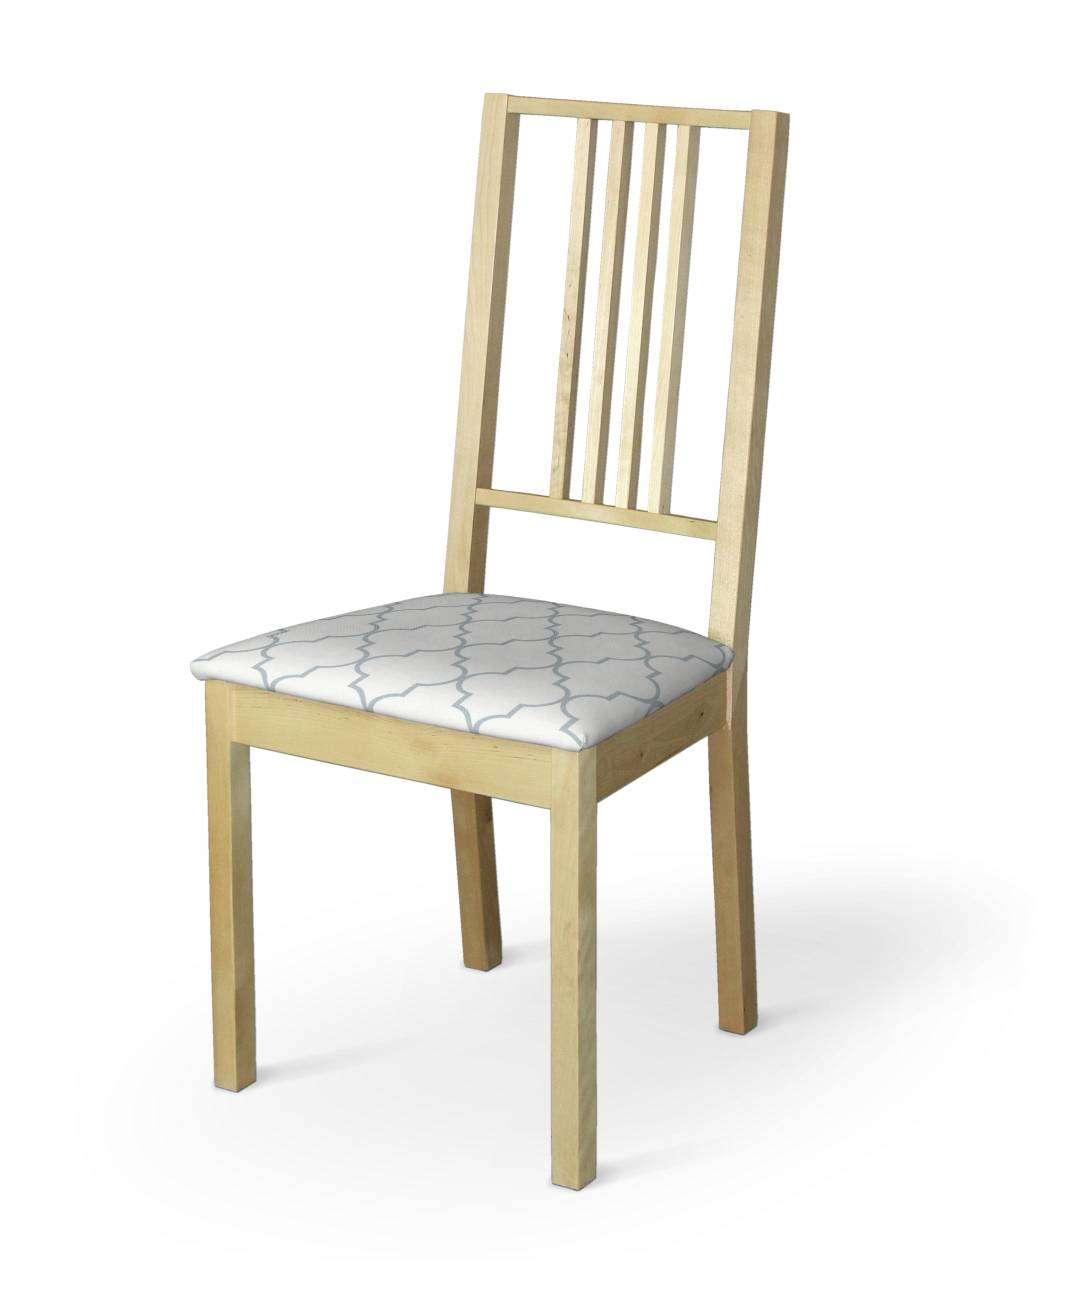 Pokrowiec na siedzisko Börje siedzisko Börje w kolekcji Comics, tkanina: 137-85